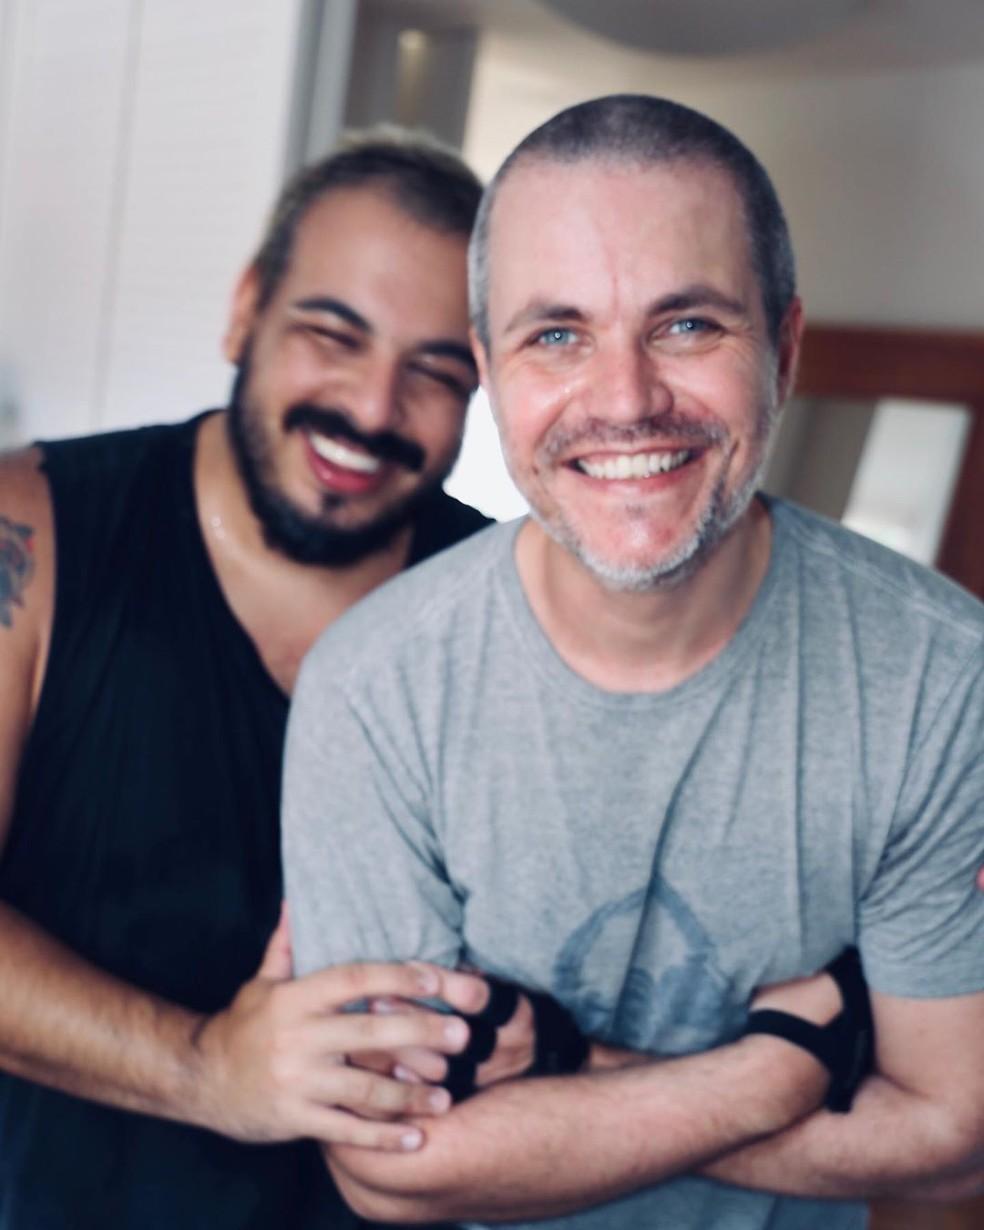 Luis Lobianco comemora 8 anos com o marido, Lúcio Zandonadi  — Foto: Reprodução/Instagram